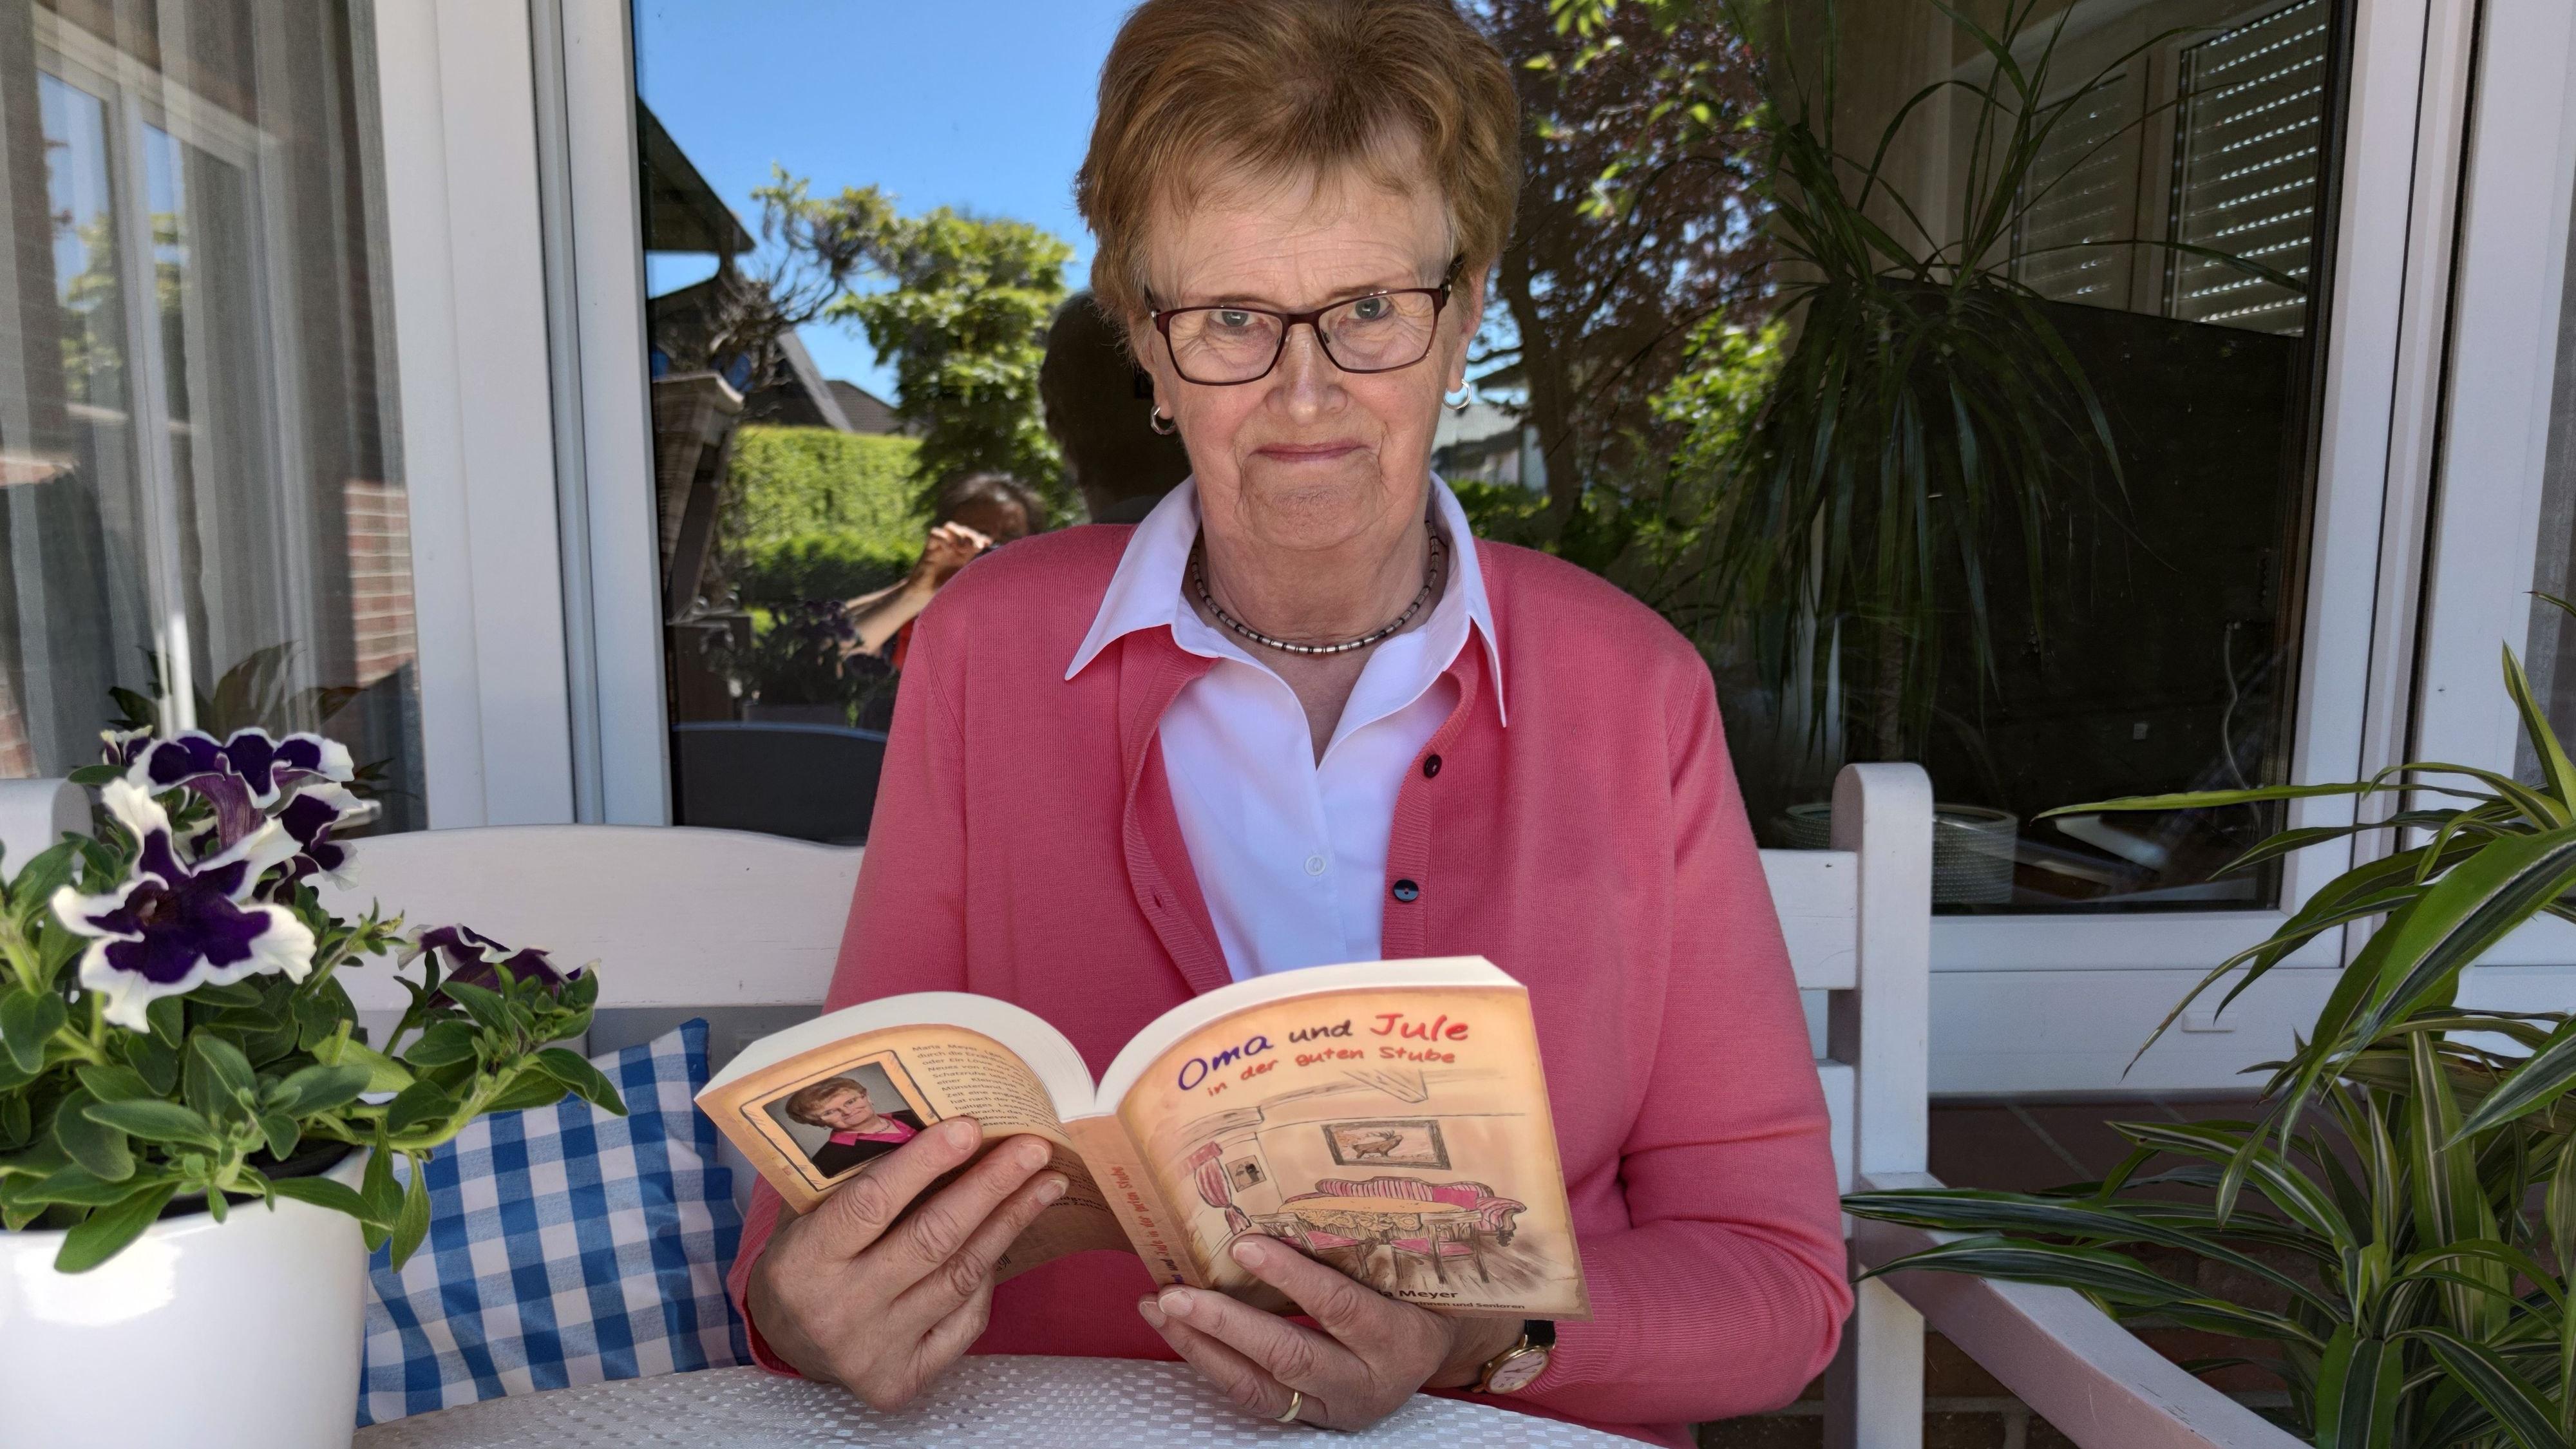 Mit Oma und Jule durch das Jahr: Maria Meyer hat ein neues Buch geschrieben. Foto: privat